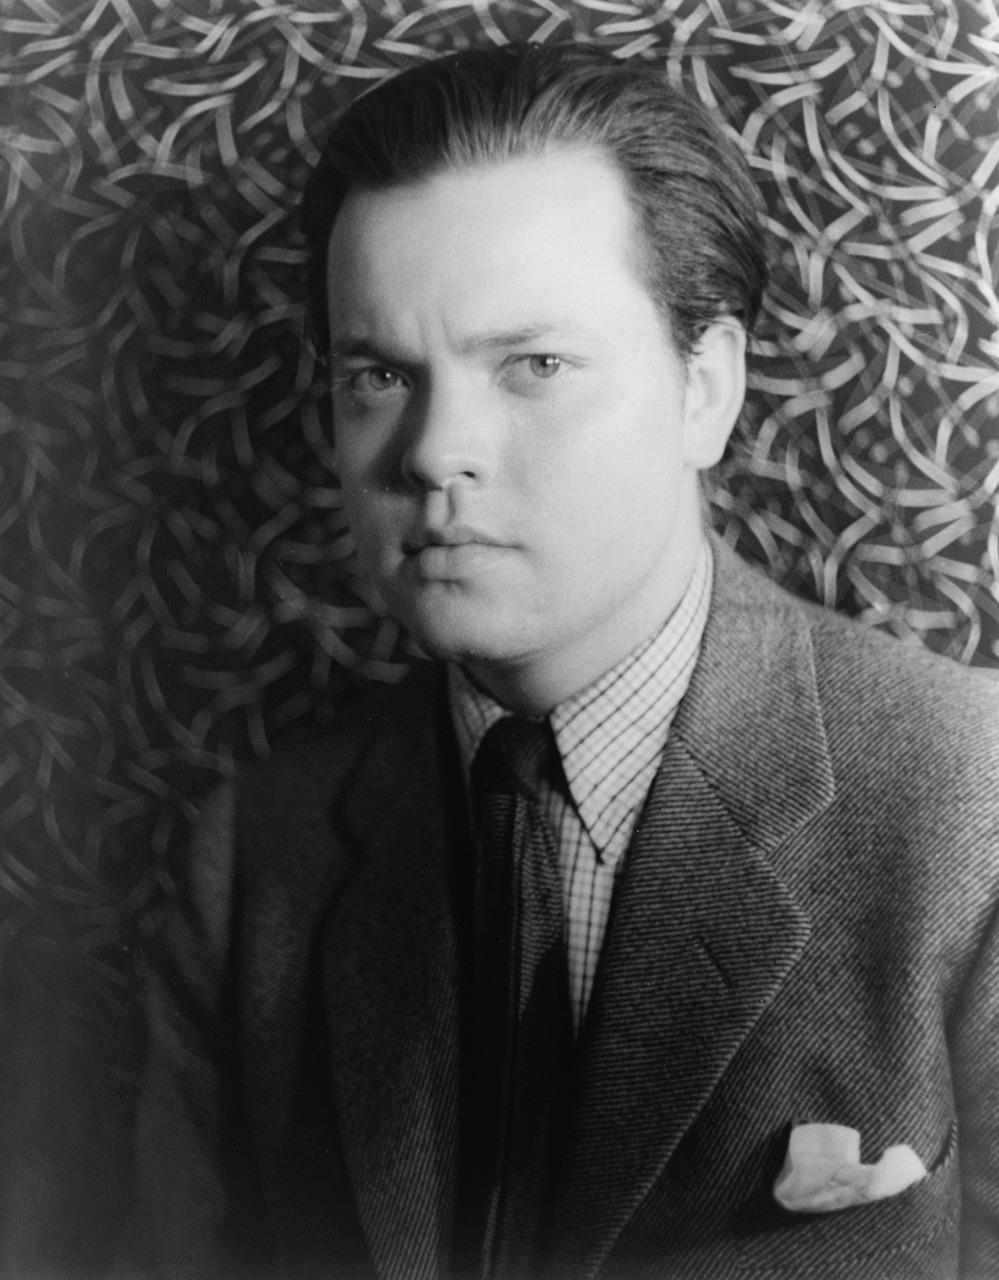 Scrittore Autore Orson Welles - Foto gratis su Pixabay